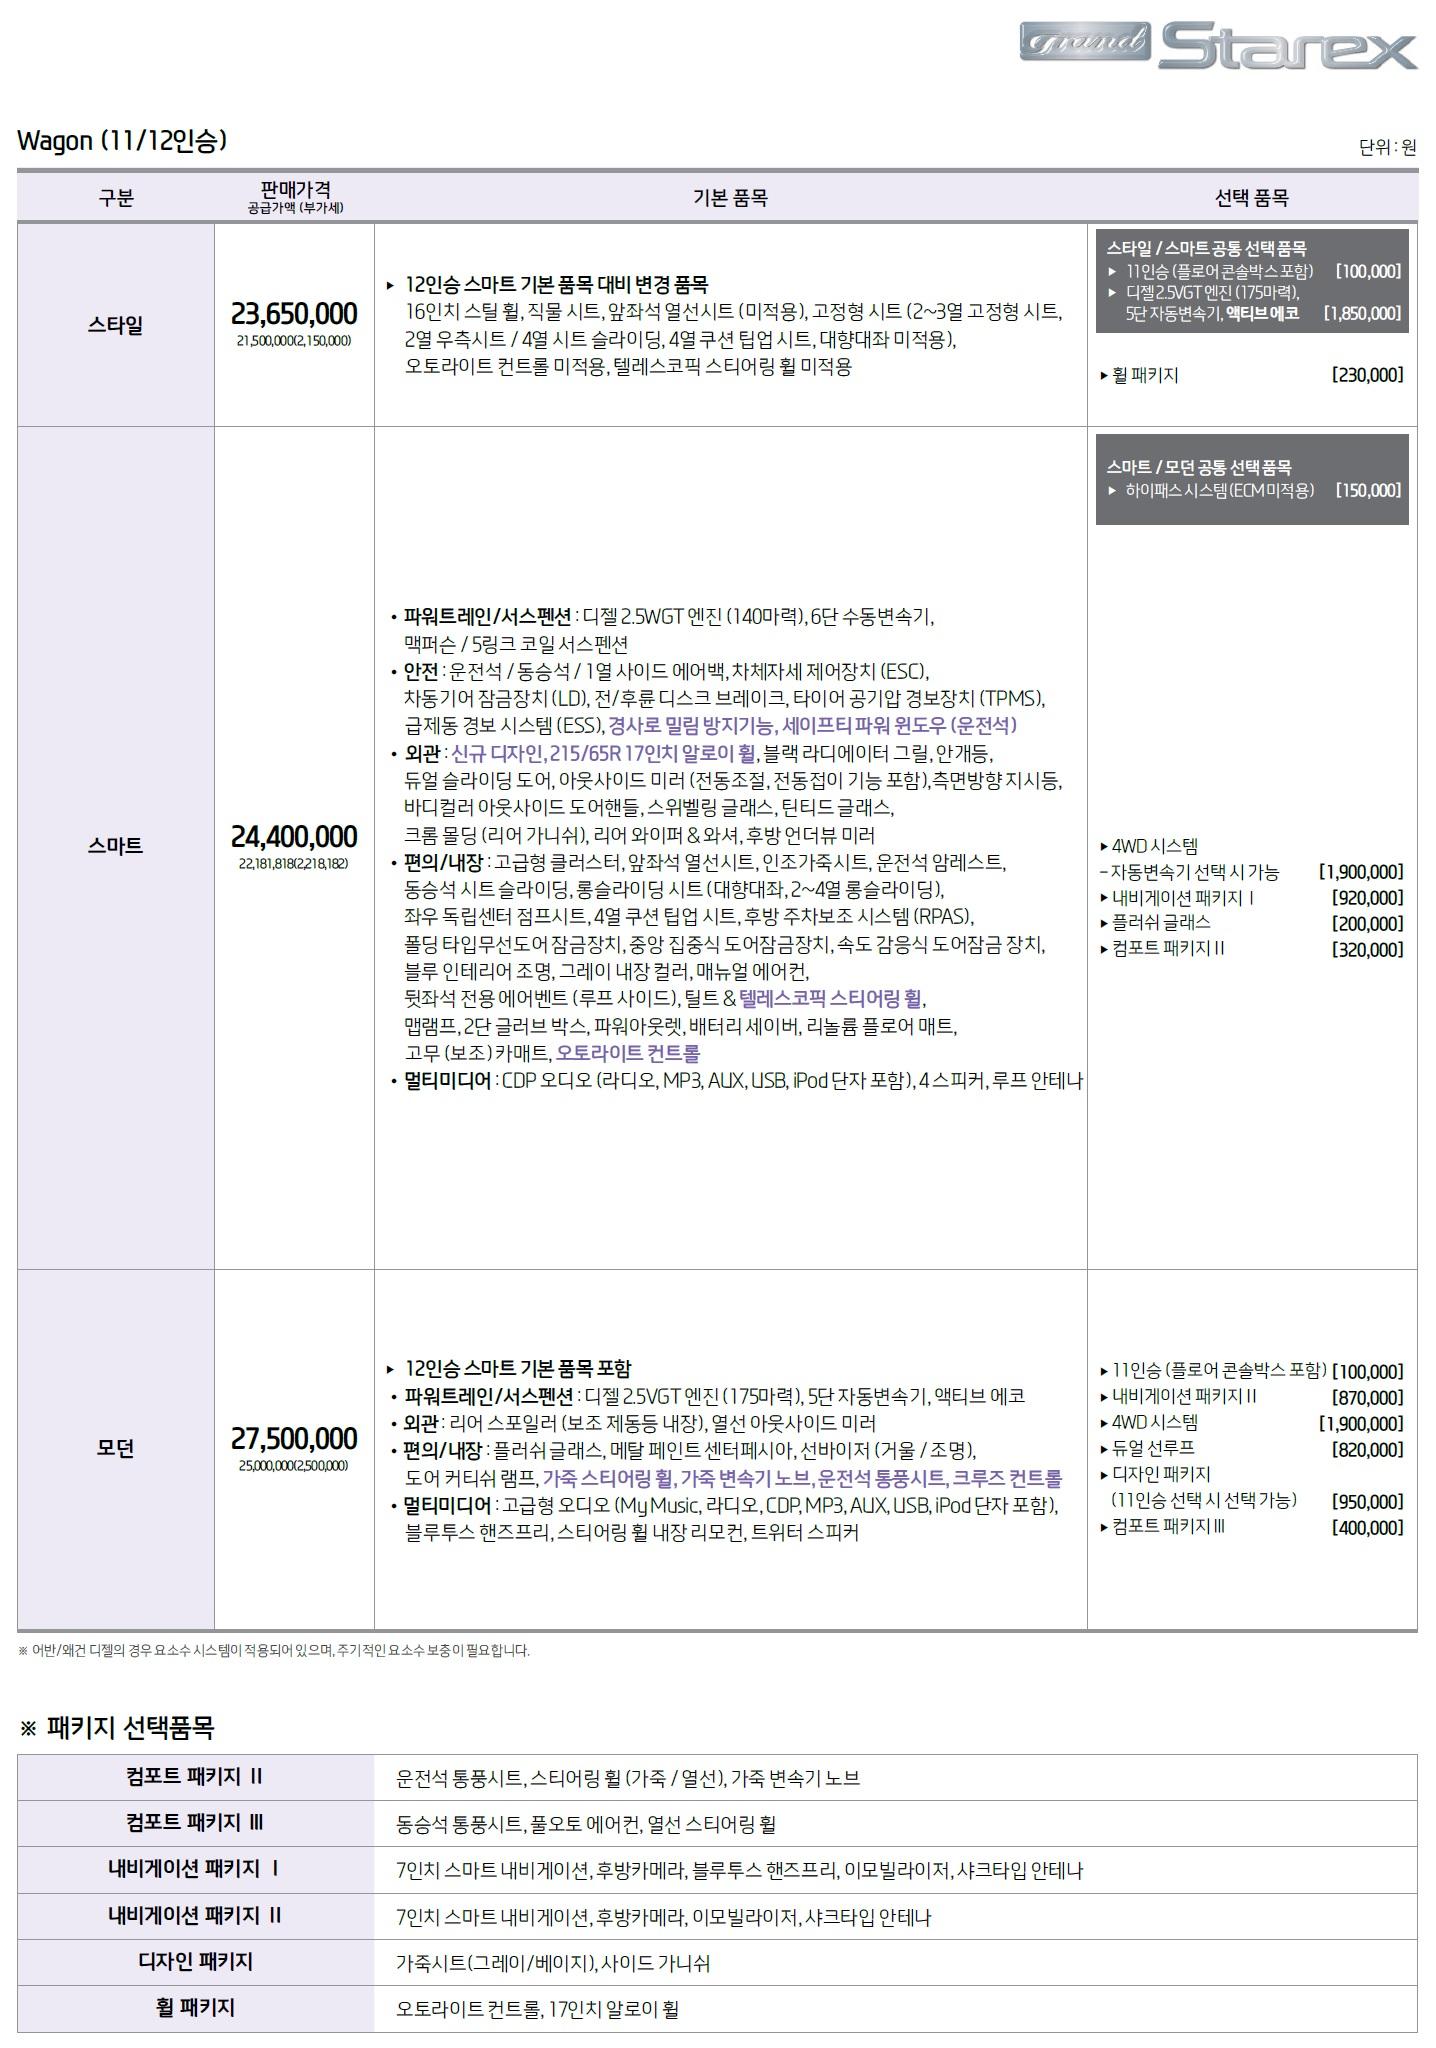 그랜드스타렉스 가격표 - 2019년 04월 -2.jpg